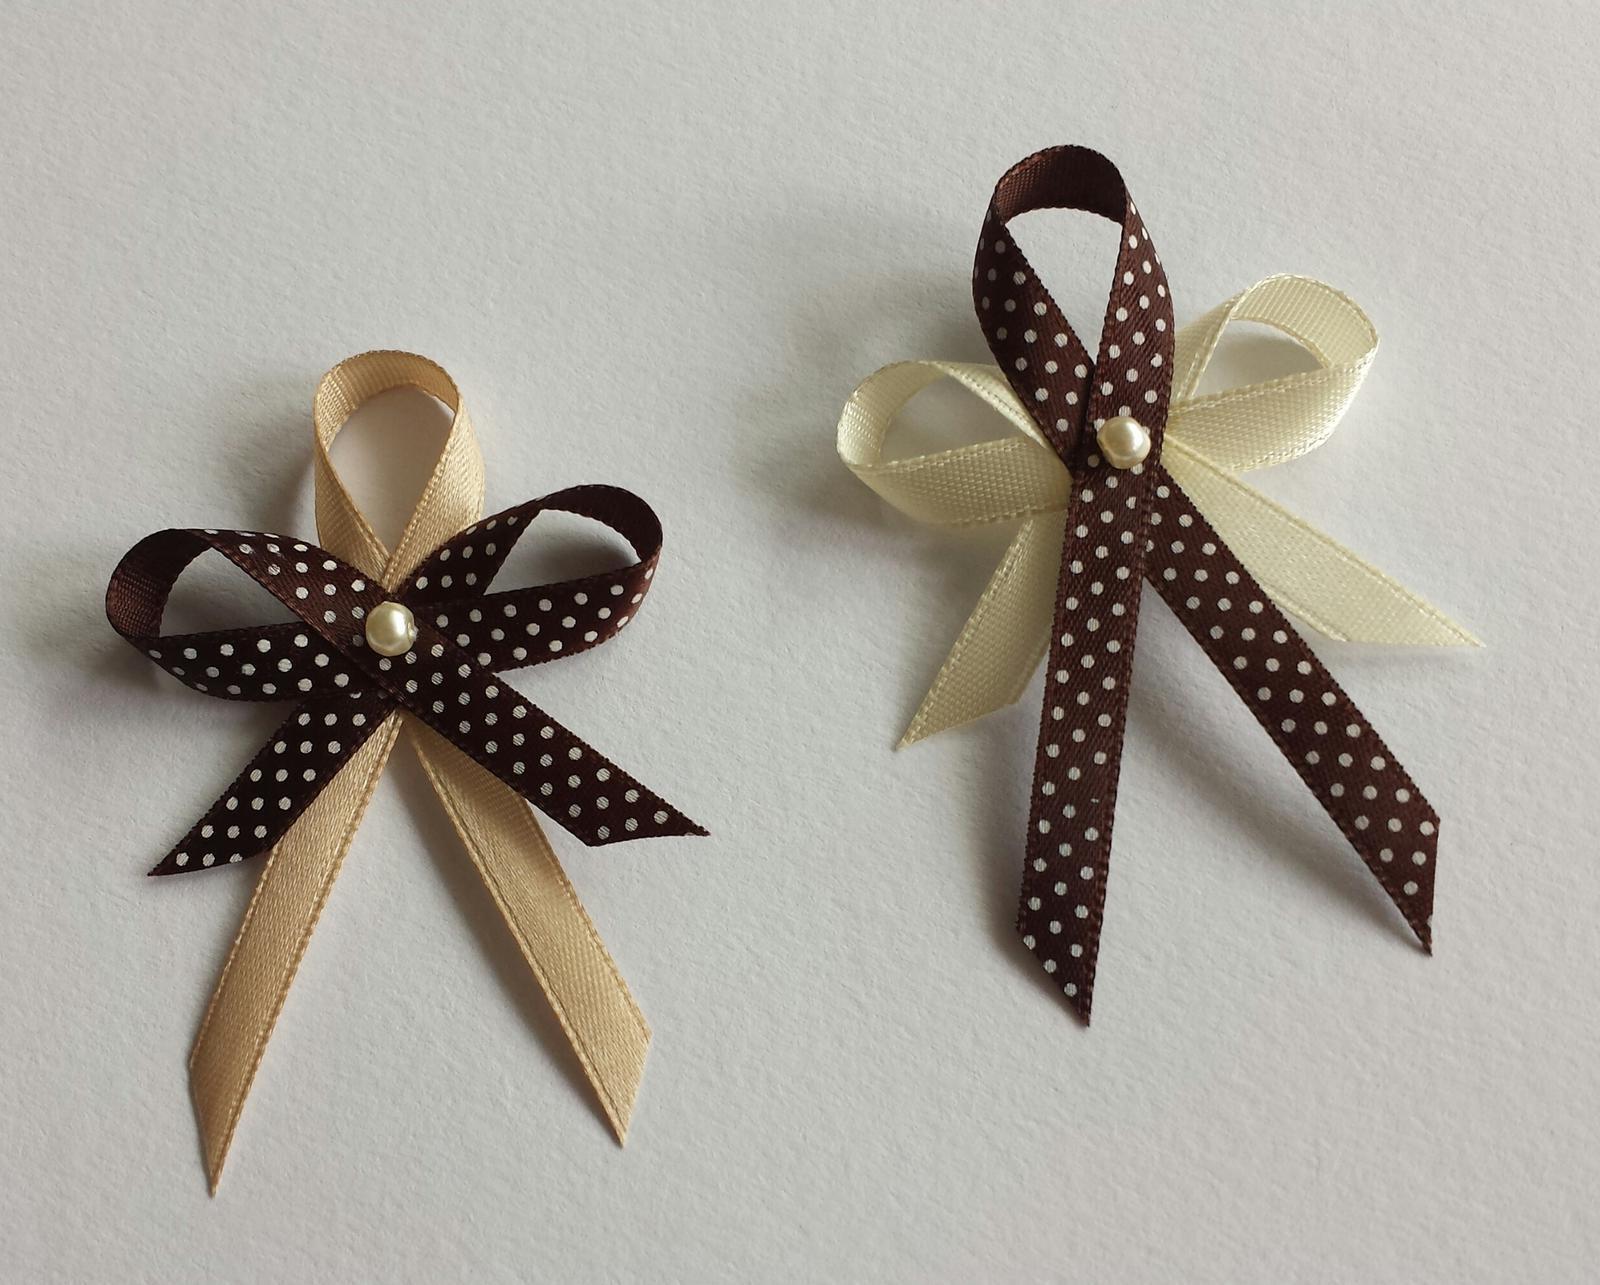 Puntíkaté čokoládové vývazky - Obrázek č. 1